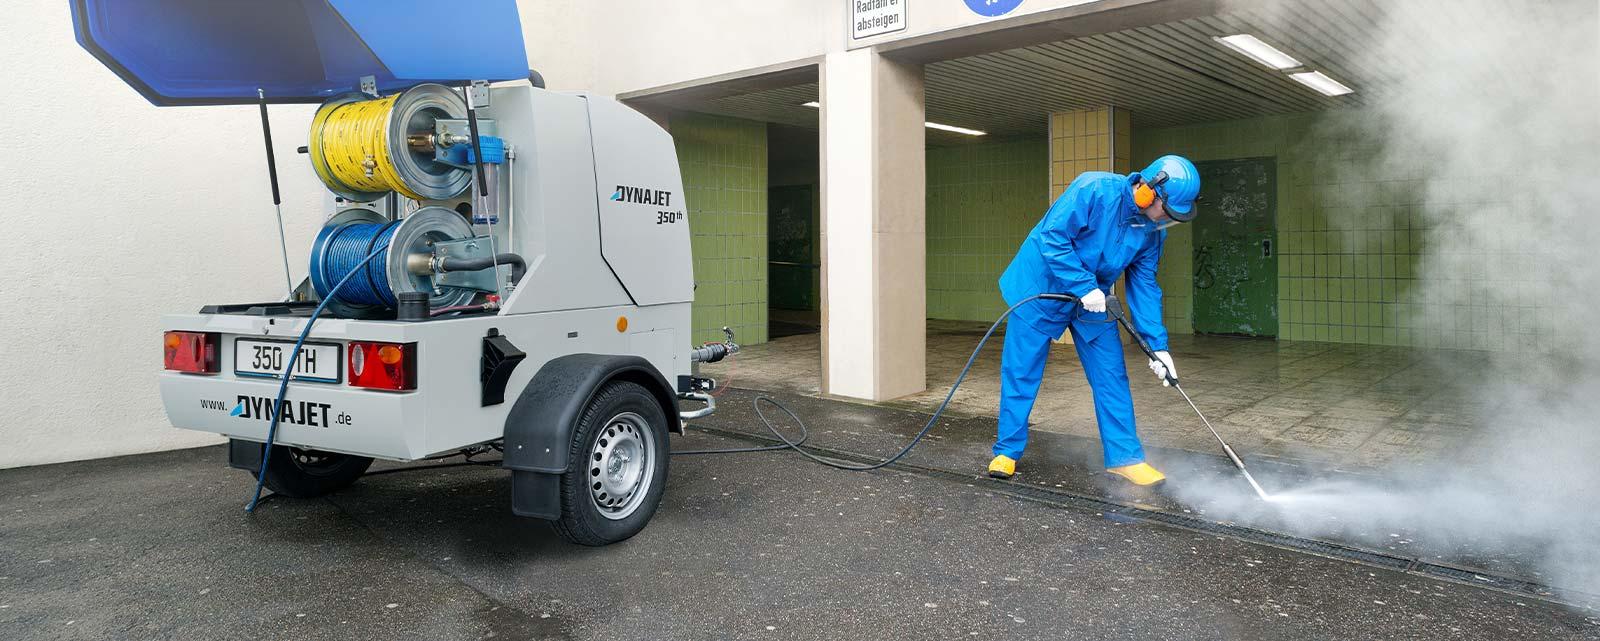 DYNAJET est votre spécialiste pour répondre aux exigences de nettoyage élevées des municipalités, des entreprises de nettoyage ainsi que pour l'aménagement paysager